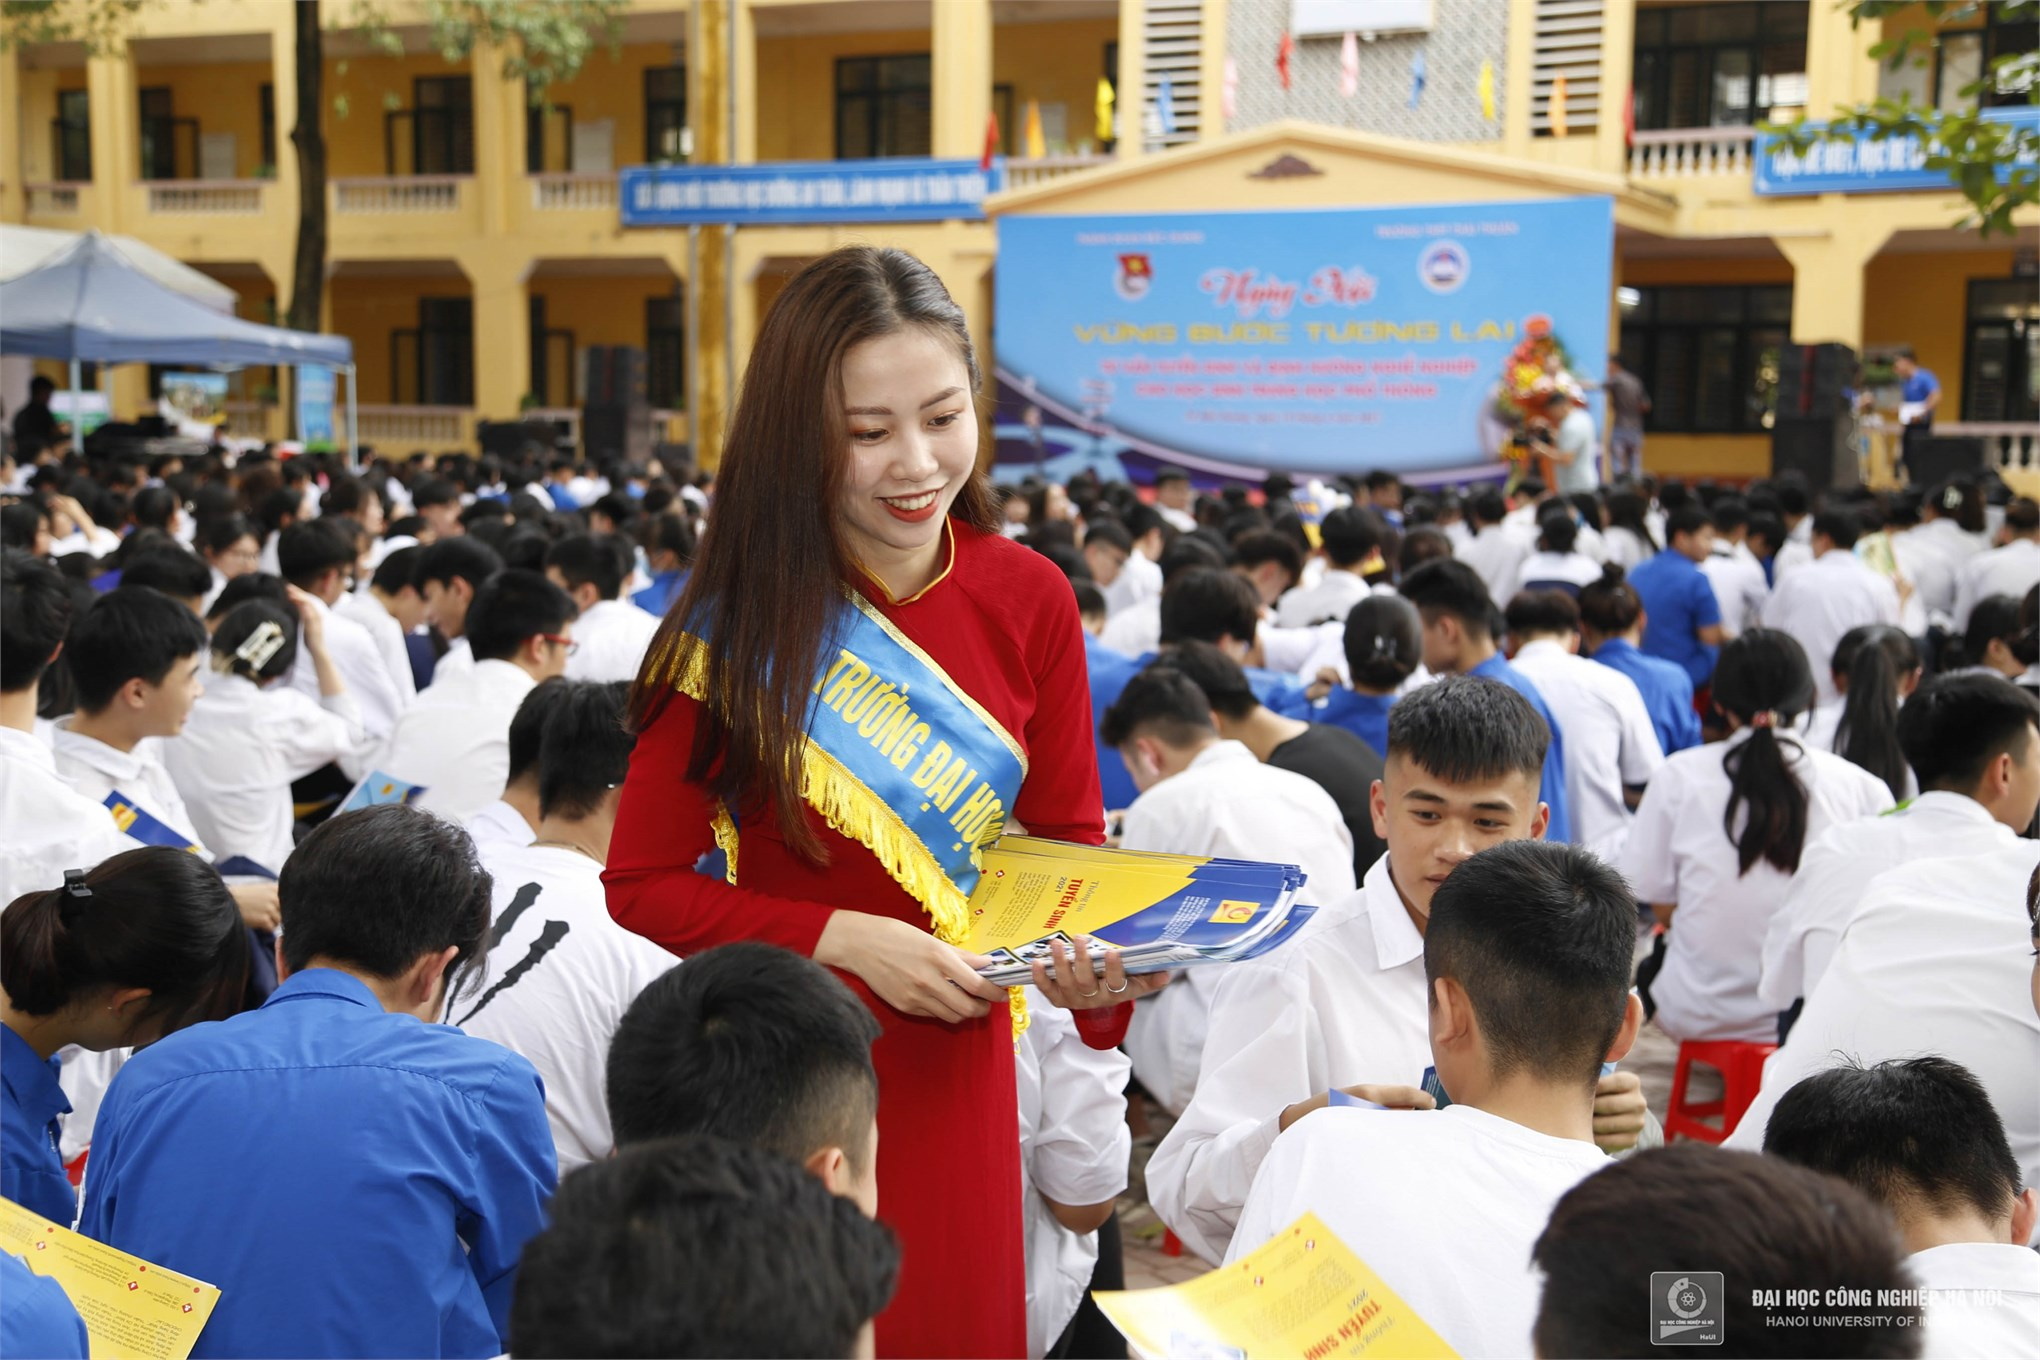 Sức hút của Đại học Công nghiệp Hà Nội tại Ngày hội tư vấn hướng nghiệp cho học sinh tỉnh Bắc Giang